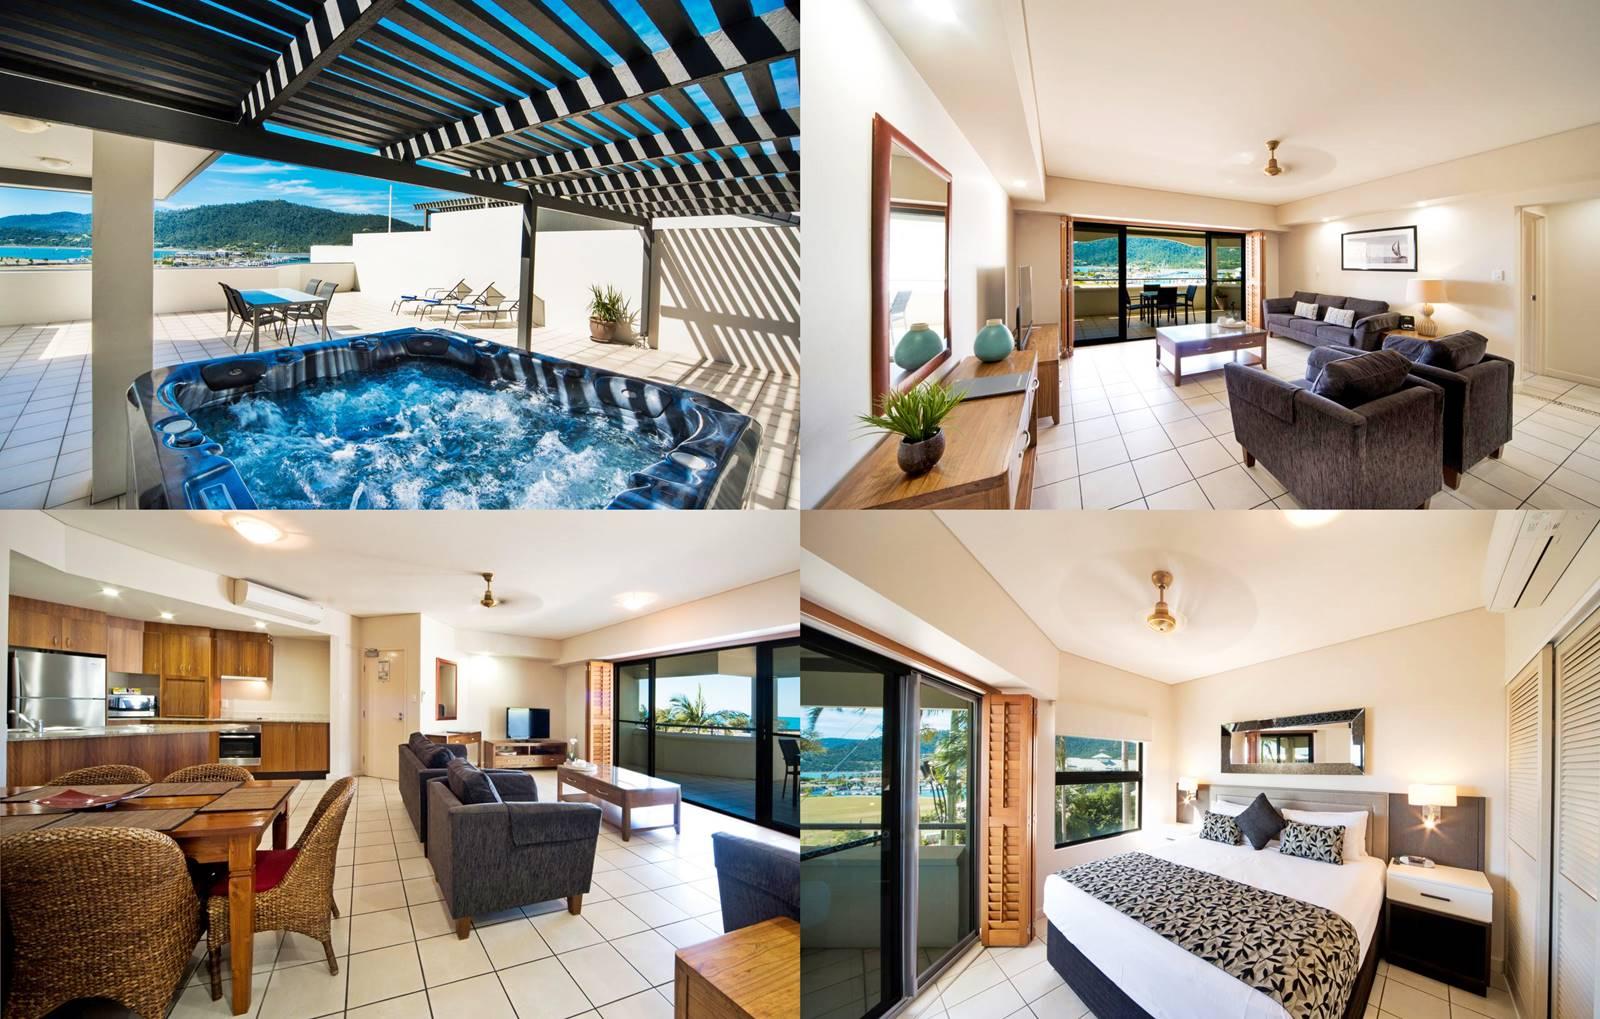 聖靈群島-艾爾利海灘-Airlie-Beach-住宿-推薦-Portside-Whitsunday-Luxury-Holiday-Apartments-飯店-旅館-酒店-民宿-公寓-市區-自由行-便宜-CP值-澳洲-Best-Hotel-Whitsundays